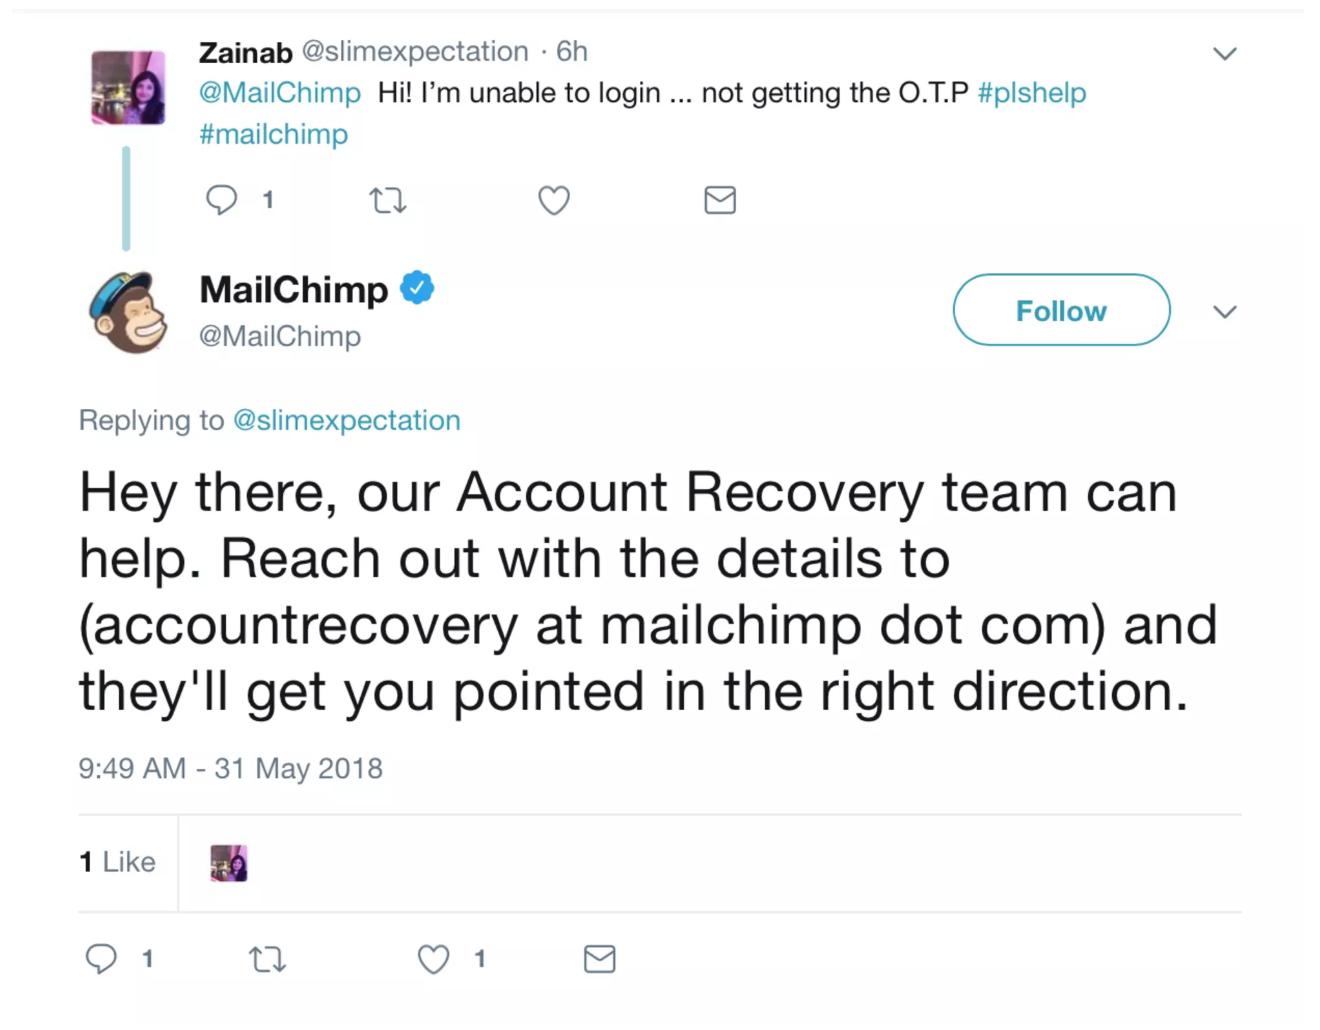 میل چیمپ در حال پاسخگویی به مشکل کاربر در توییتر